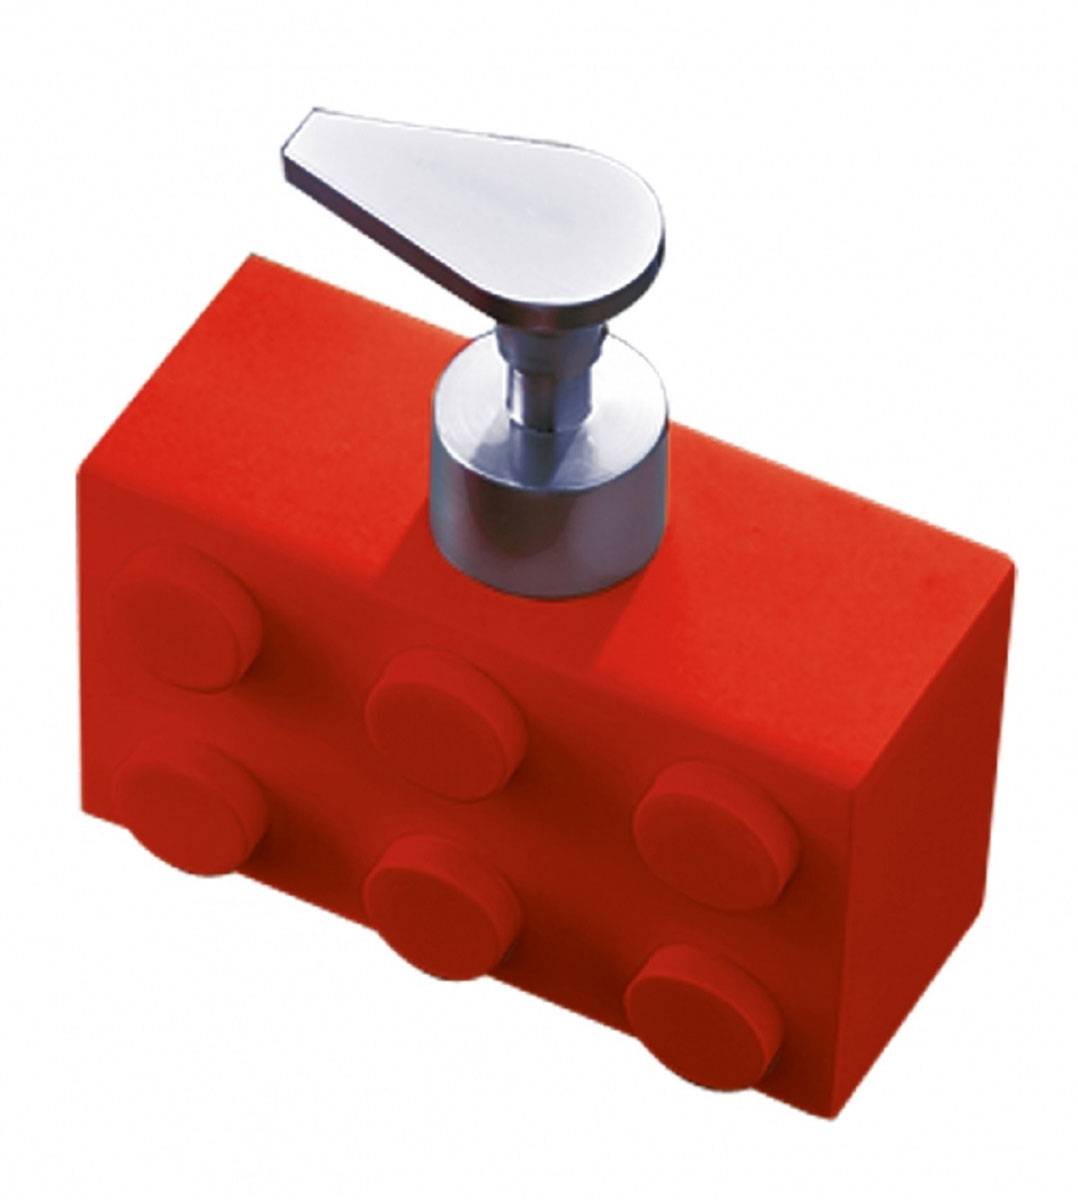 Дозатор для жидкого мыла Ridder Bob, цвет: красный, 280 мл13296Дозатор для жидкого мыла Ridder Bob, изготовленный из экологичной полирезины,отлично подойдет для вашей ванной комнаты.Такой аксессуар очень удобен в использовании,достаточно лишь перелить жидкое мыло вдозатор, а когда необходимо использованиемыла, легким нажатием выдавить нужноеколичество. Дозатор для жидкого мыла Ridder Bobсоздаст особую атмосферу уюта и максимальногокомфорта в ванной.Объем дозатора: 280 мл.